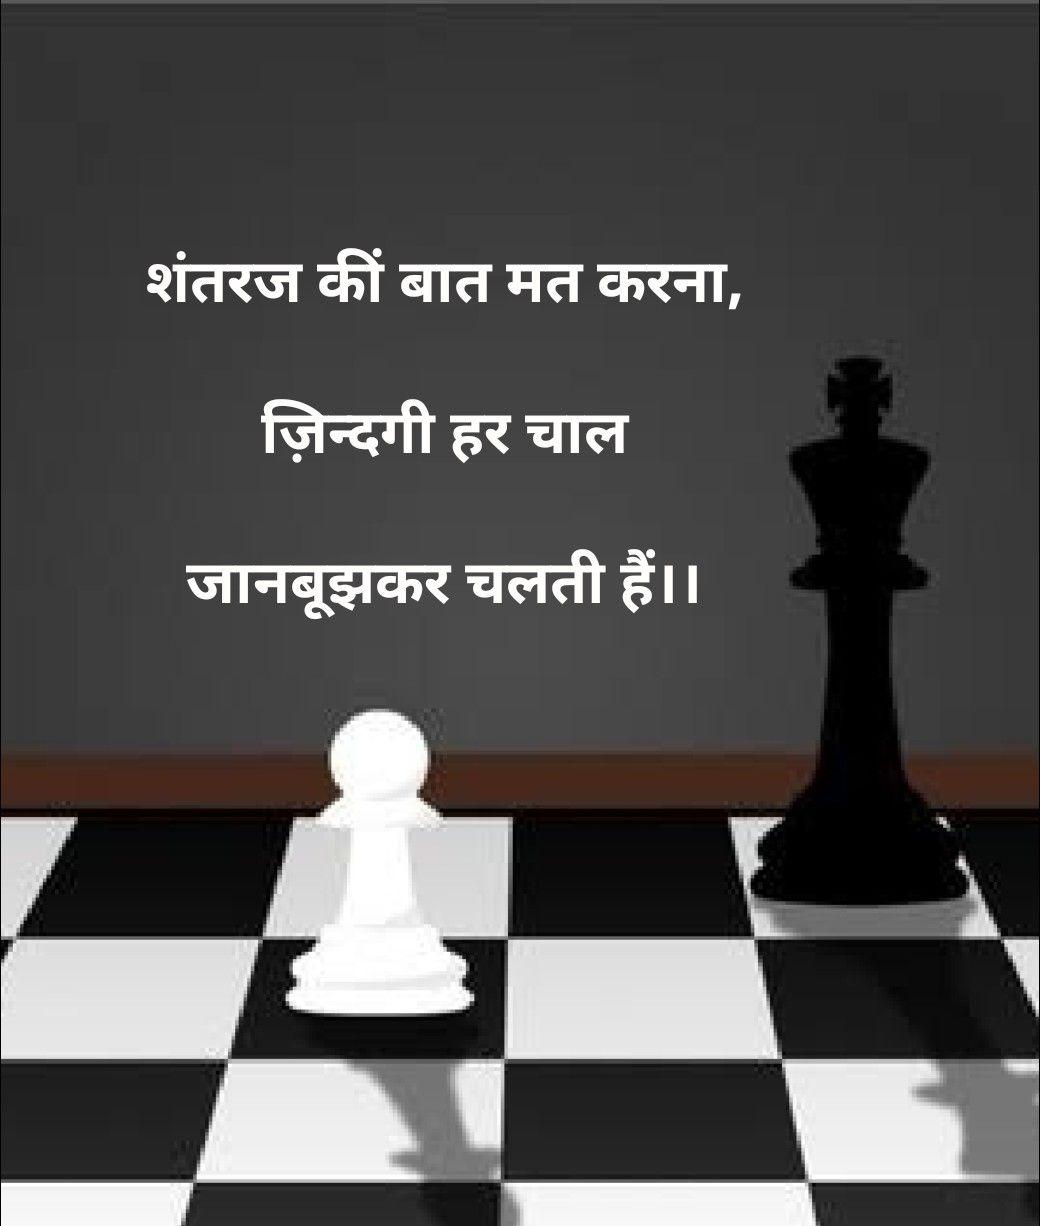 शंतरज #hindi #words #lines #story #short | Hindi quotes ...